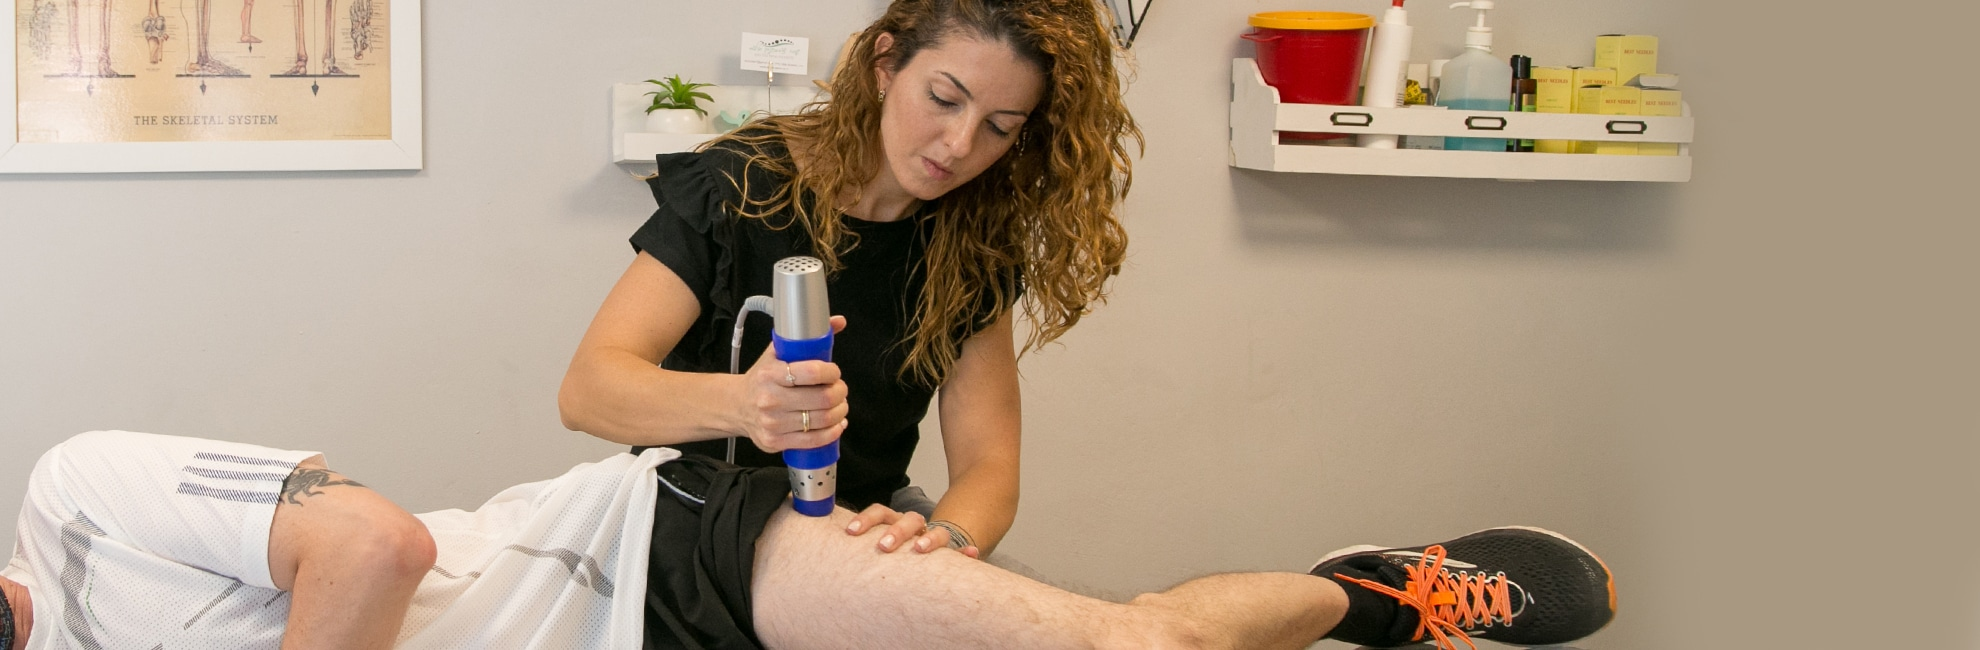 טיפולי פיזיותרפיה אזור הירך